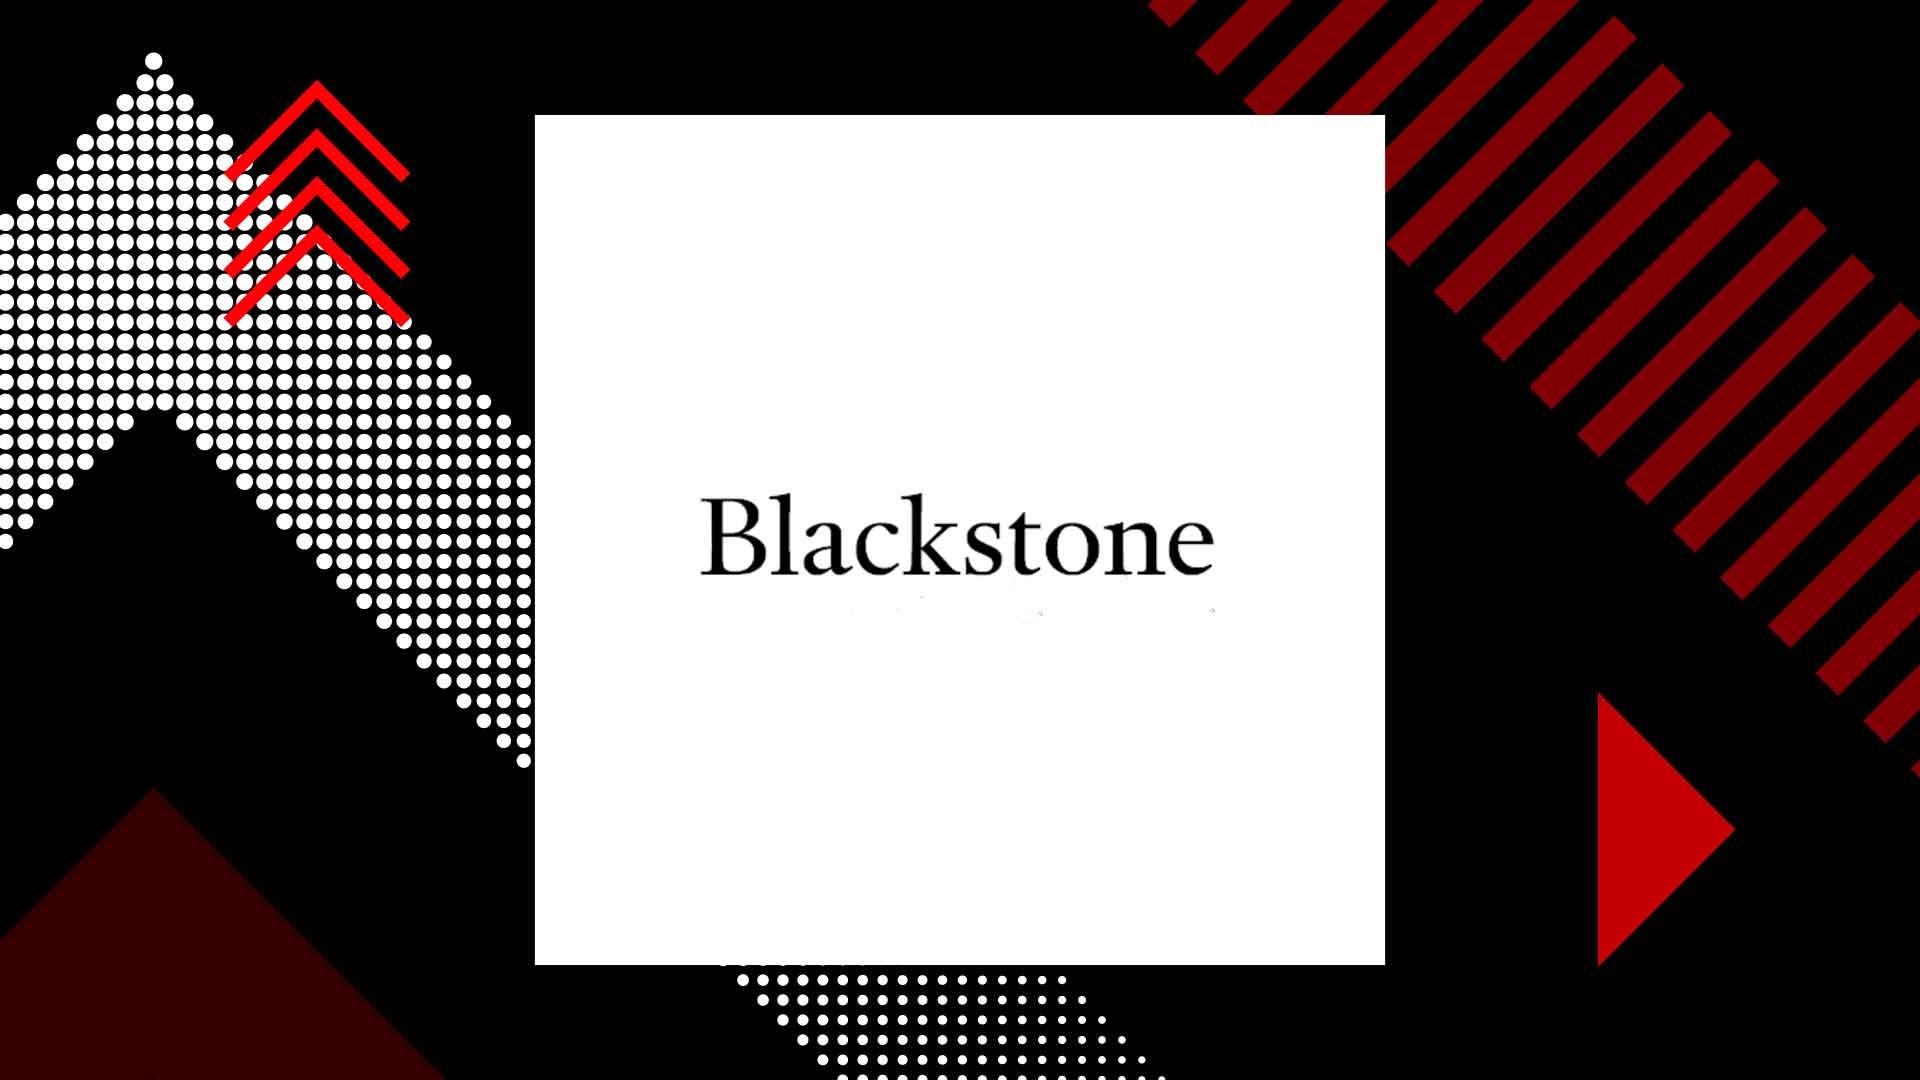 Blackstone to acquire 50% stake in Hiranandani's logistics venture